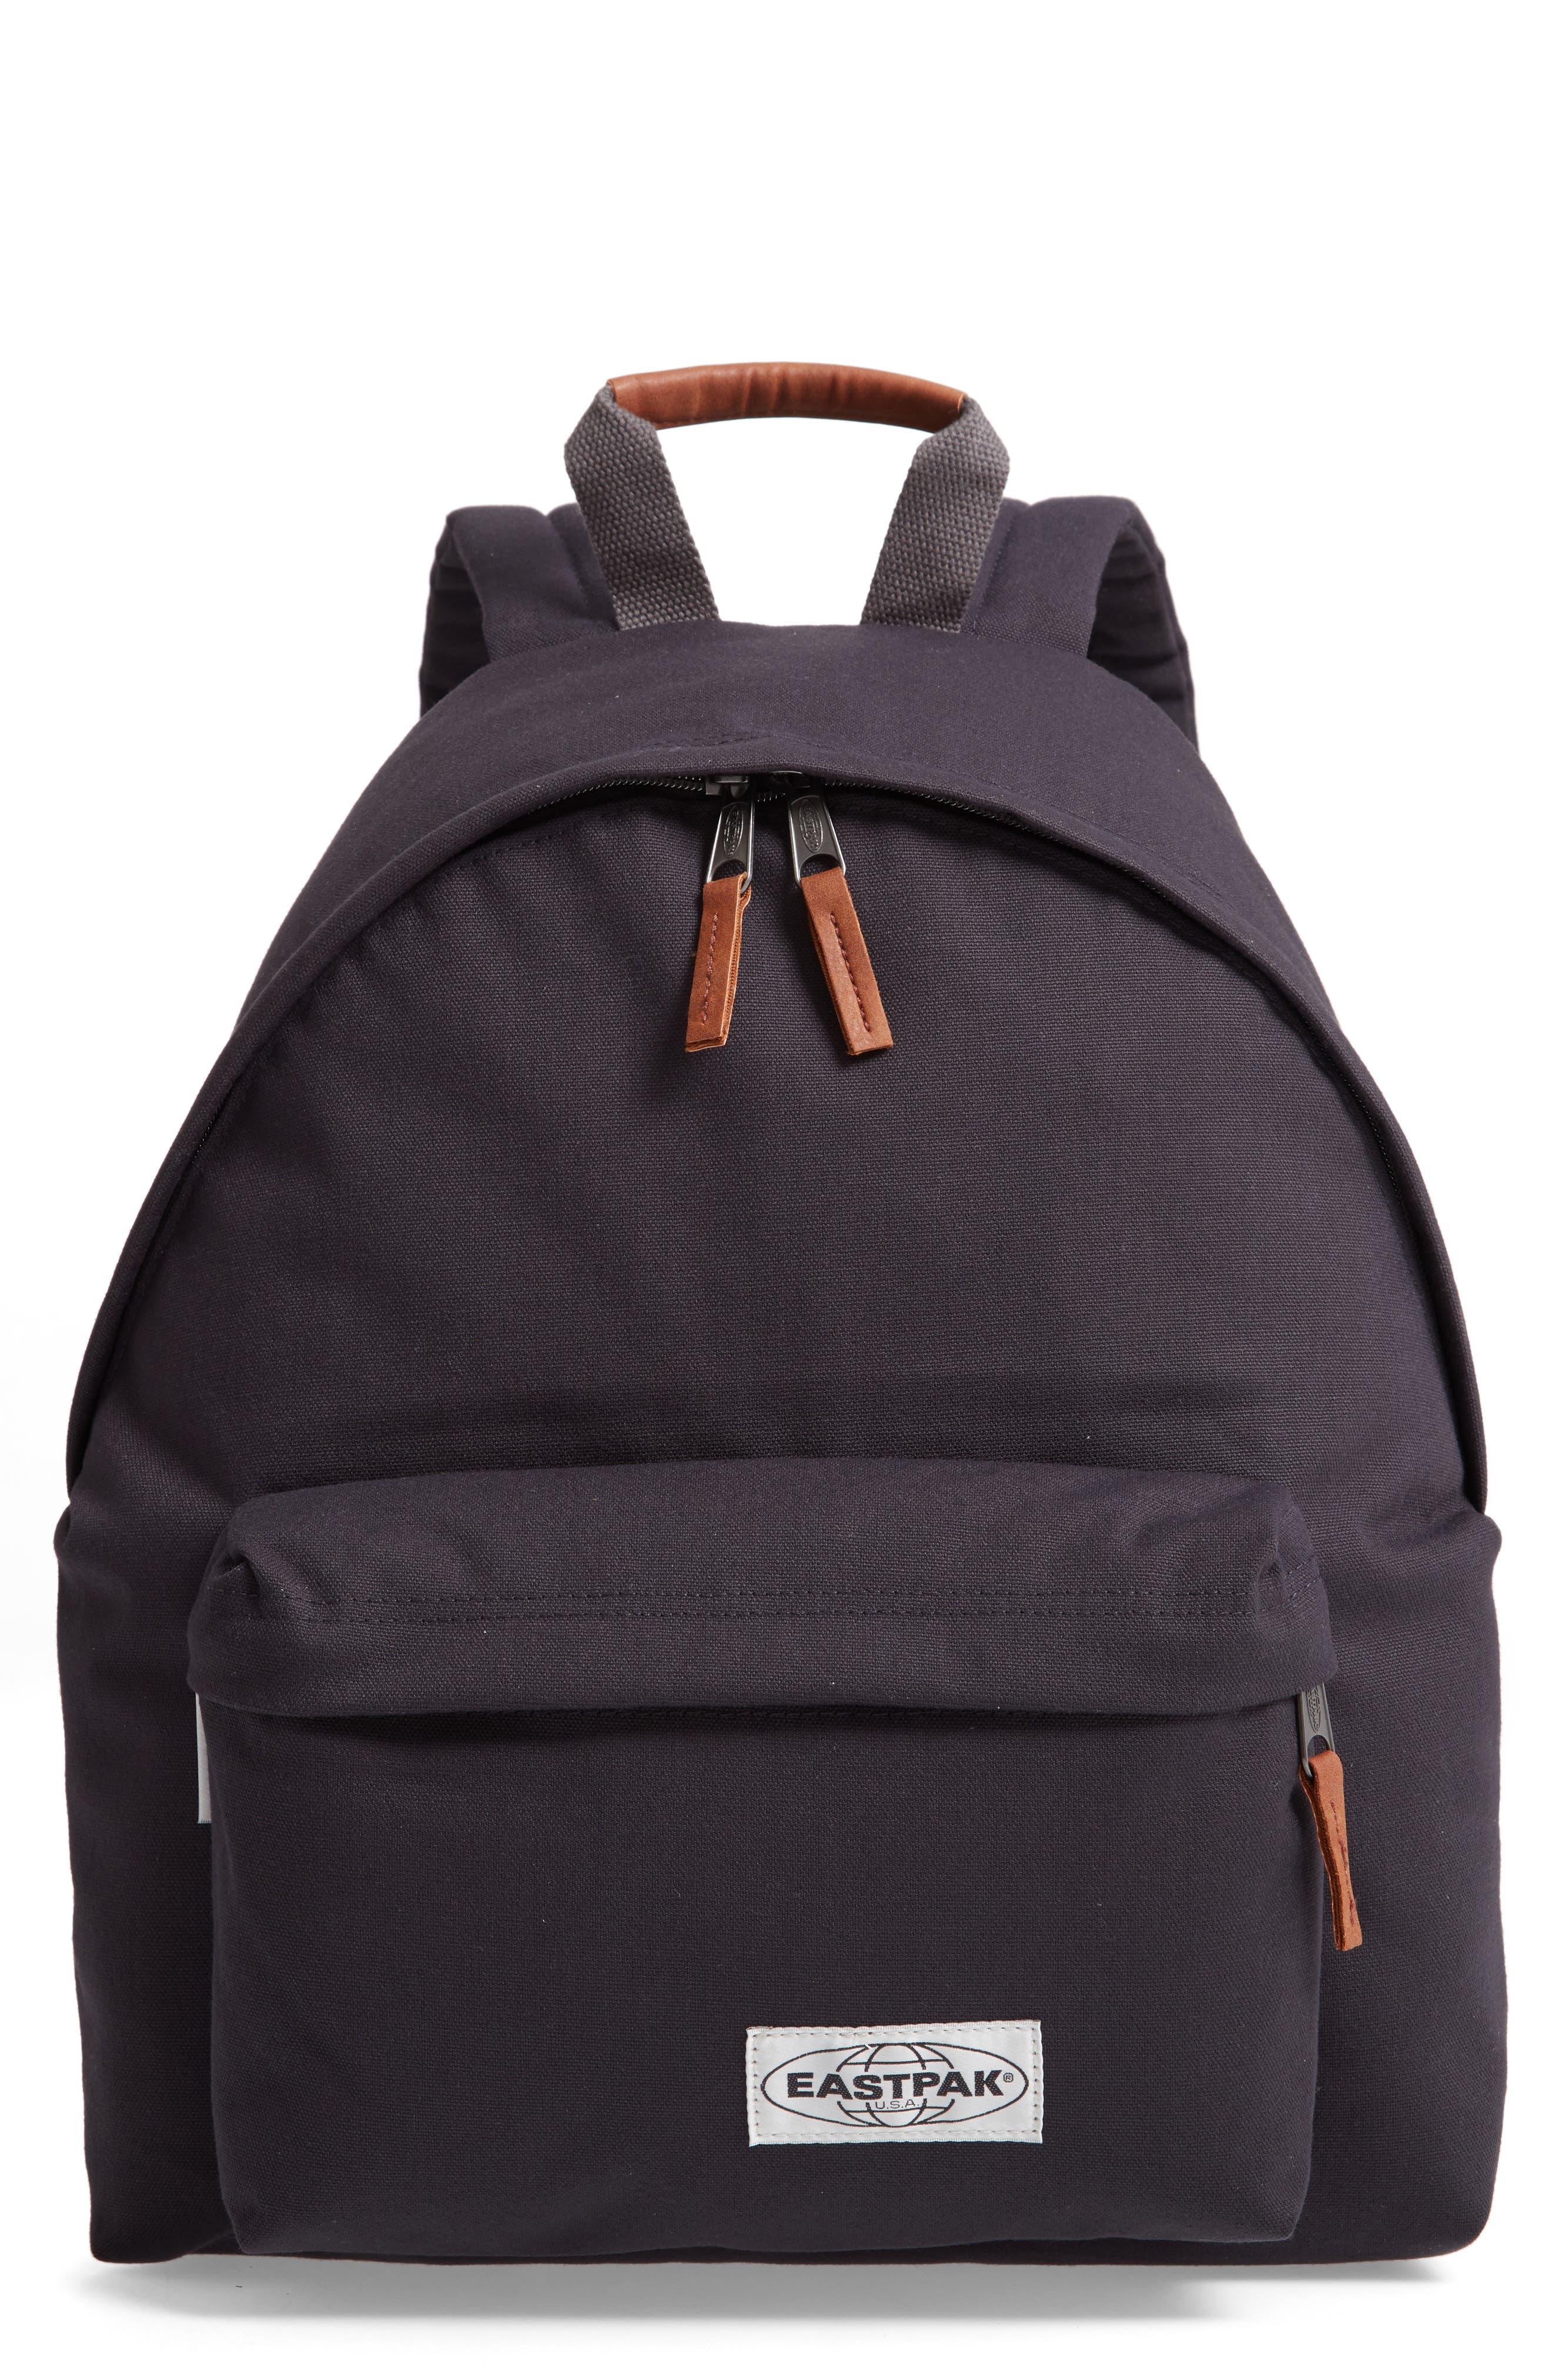 Eastpak Padded Pakr Backpack - Black